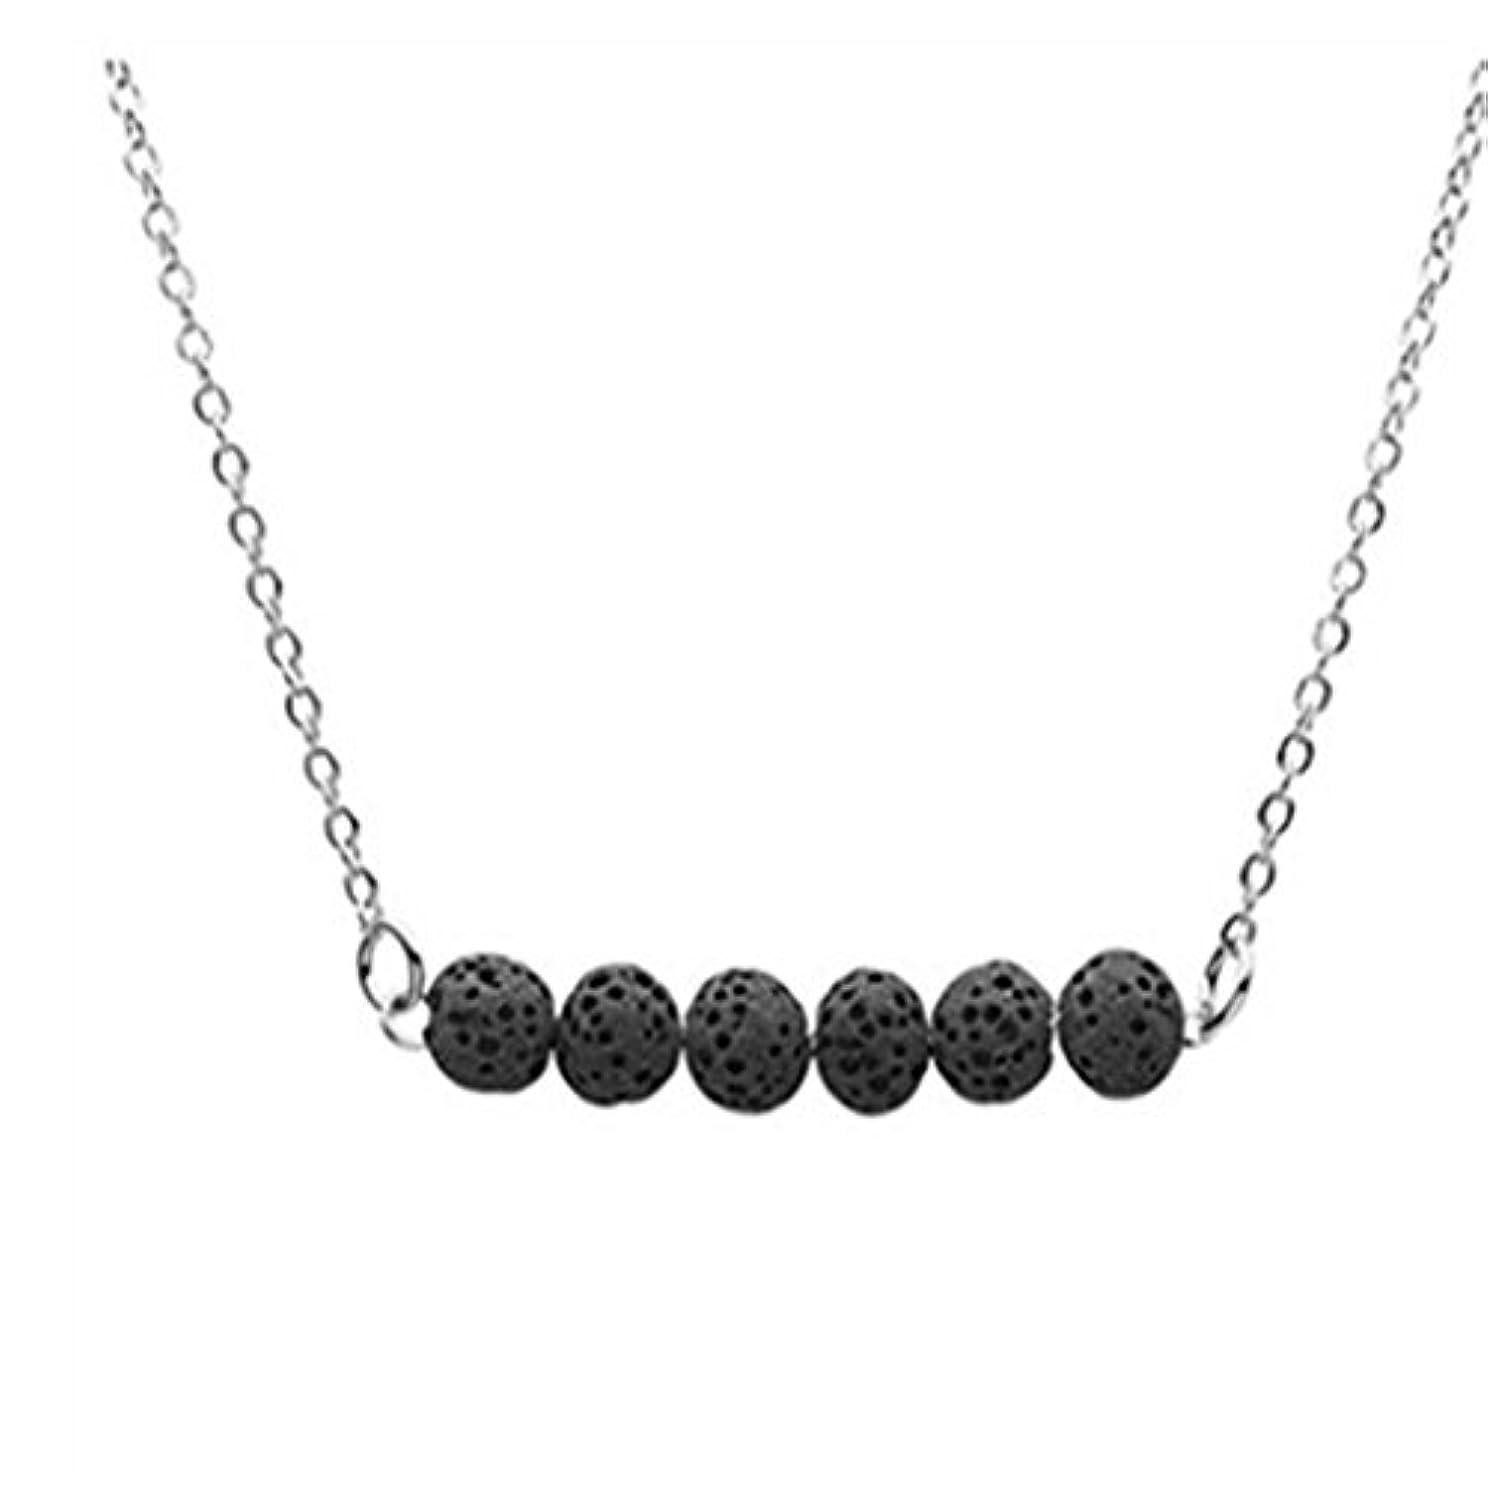 庭園エクスタシー密接にcianowegy Simple Tinyラバストーンネックレス、Essential Oil Diffuserネックレスwith Lava Stone – ステンレススチール ブラック